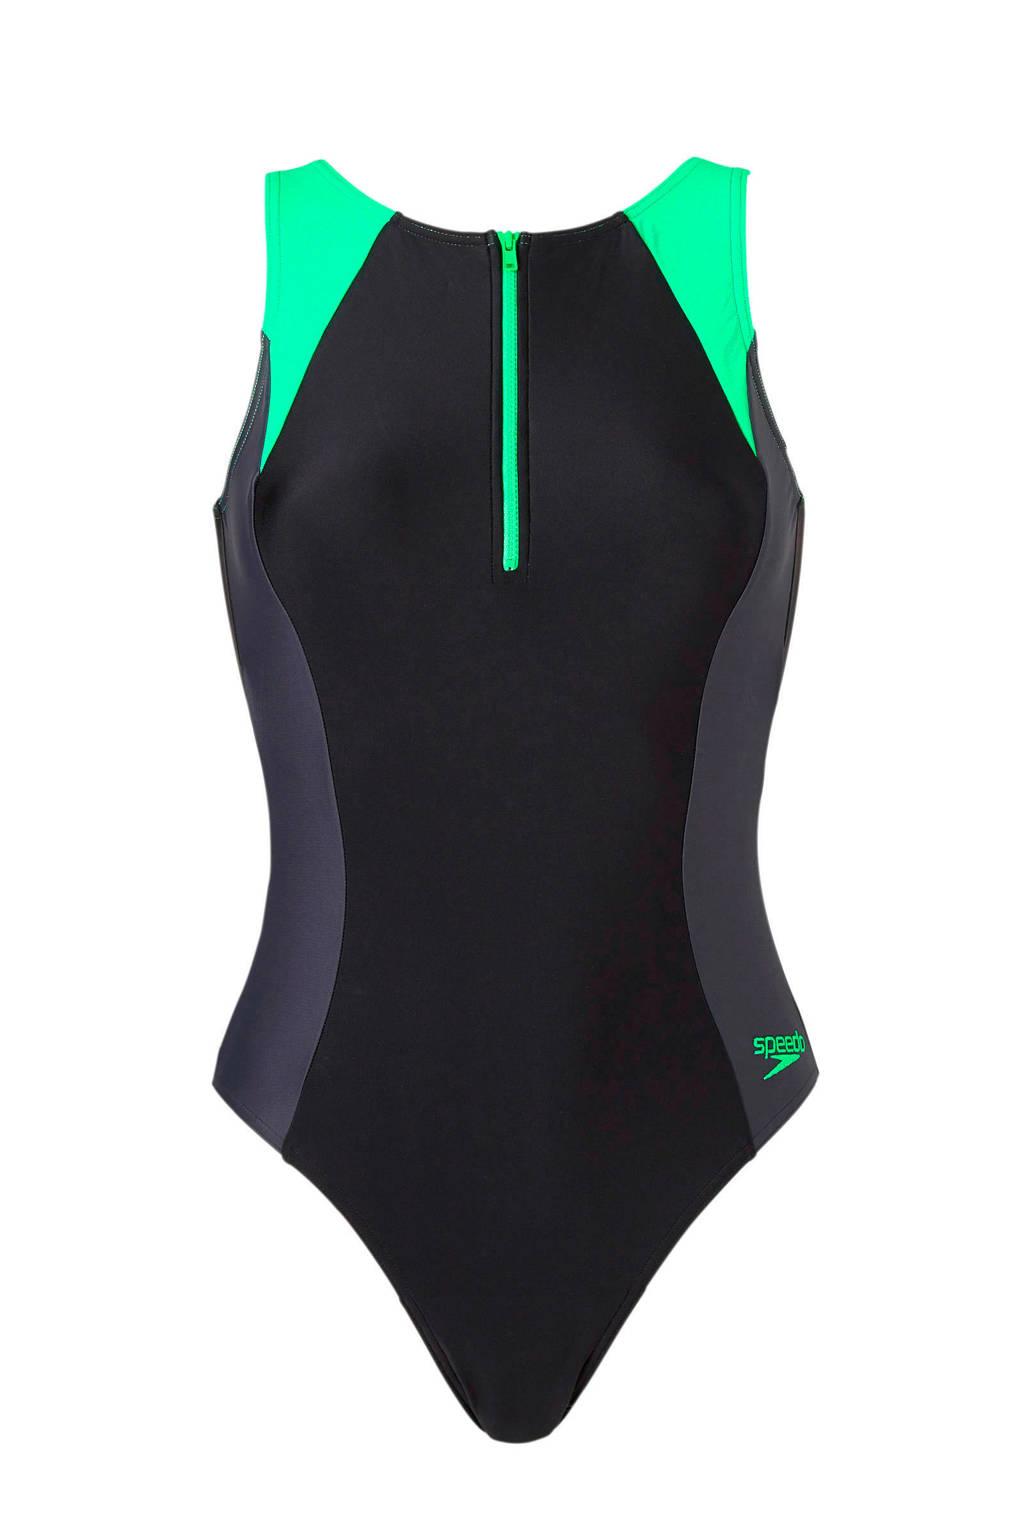 Speedo Endurance 10 sportbadpak met rits zwart, Zwart/groen/grijs